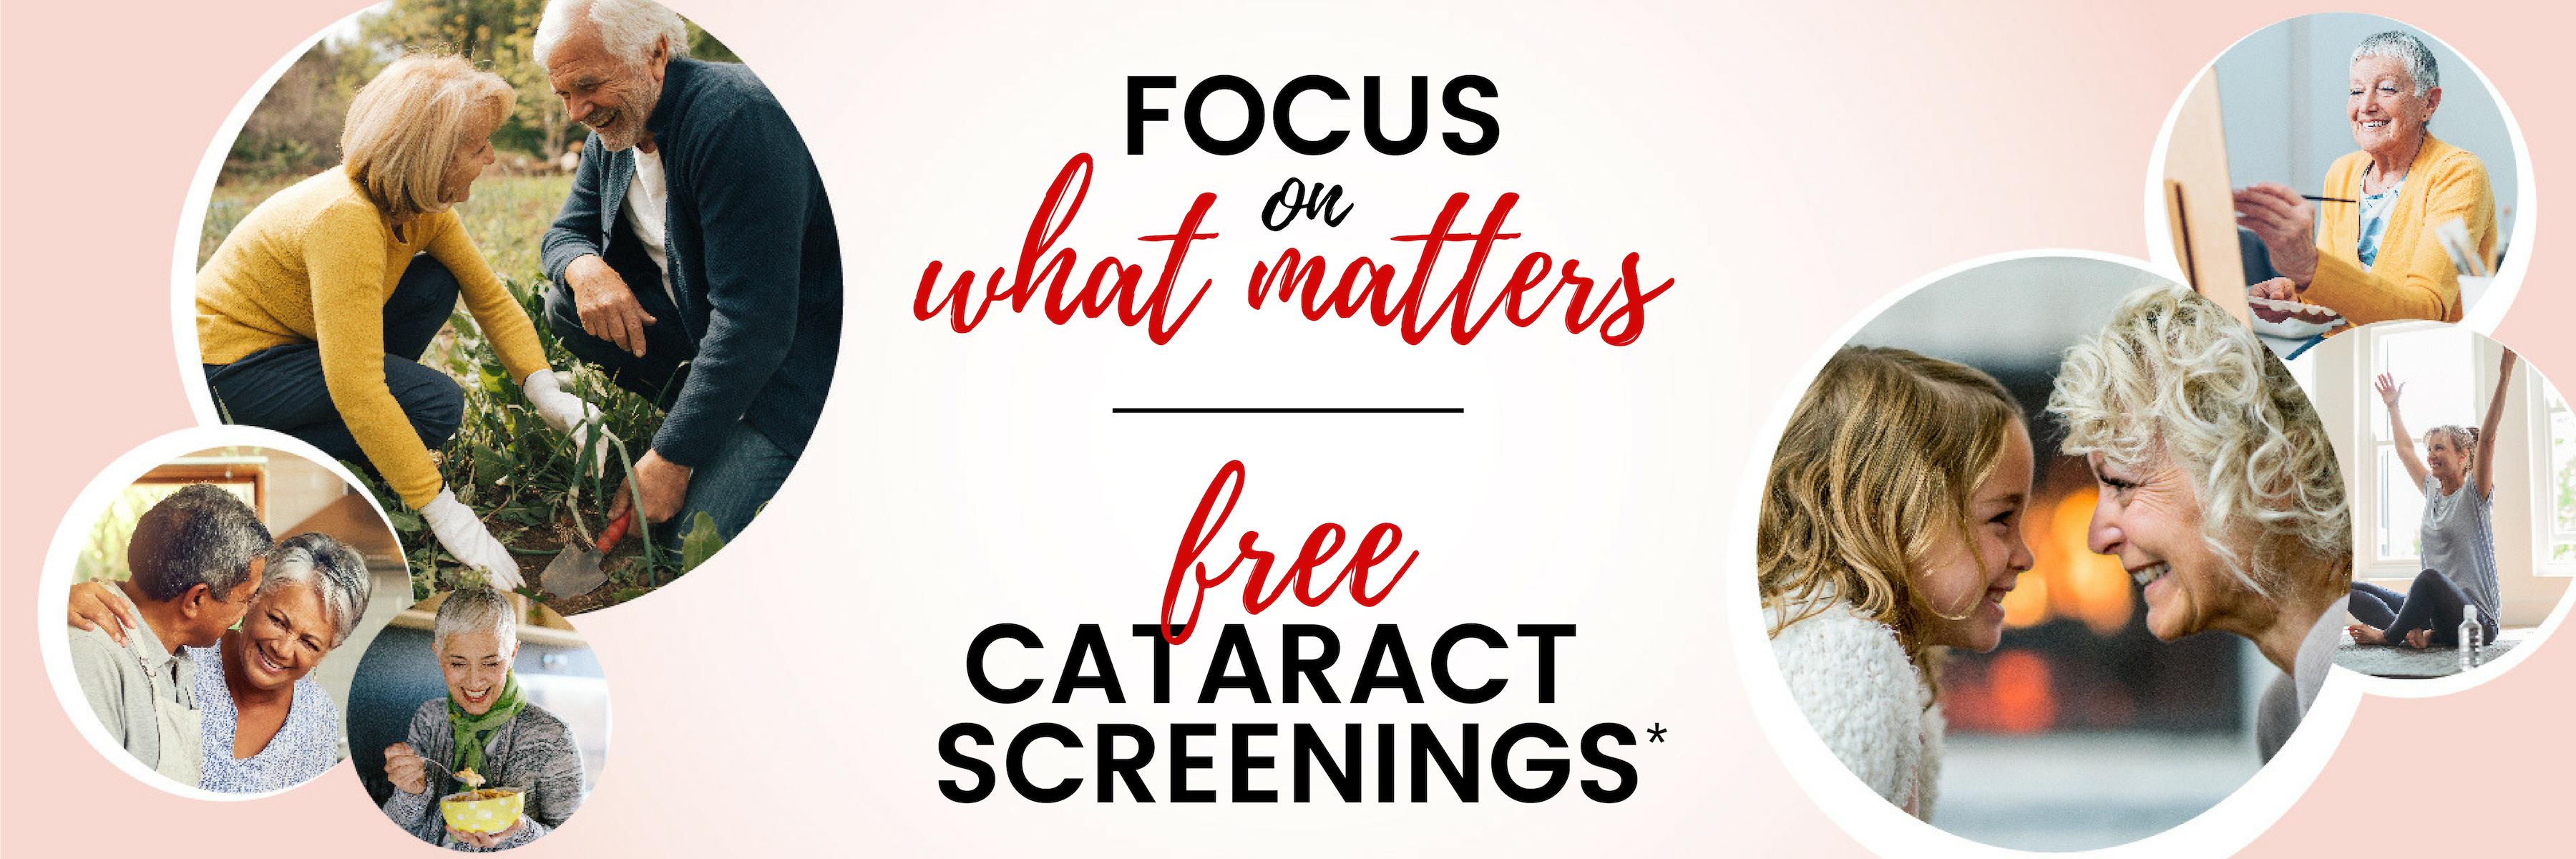 free cataract screening